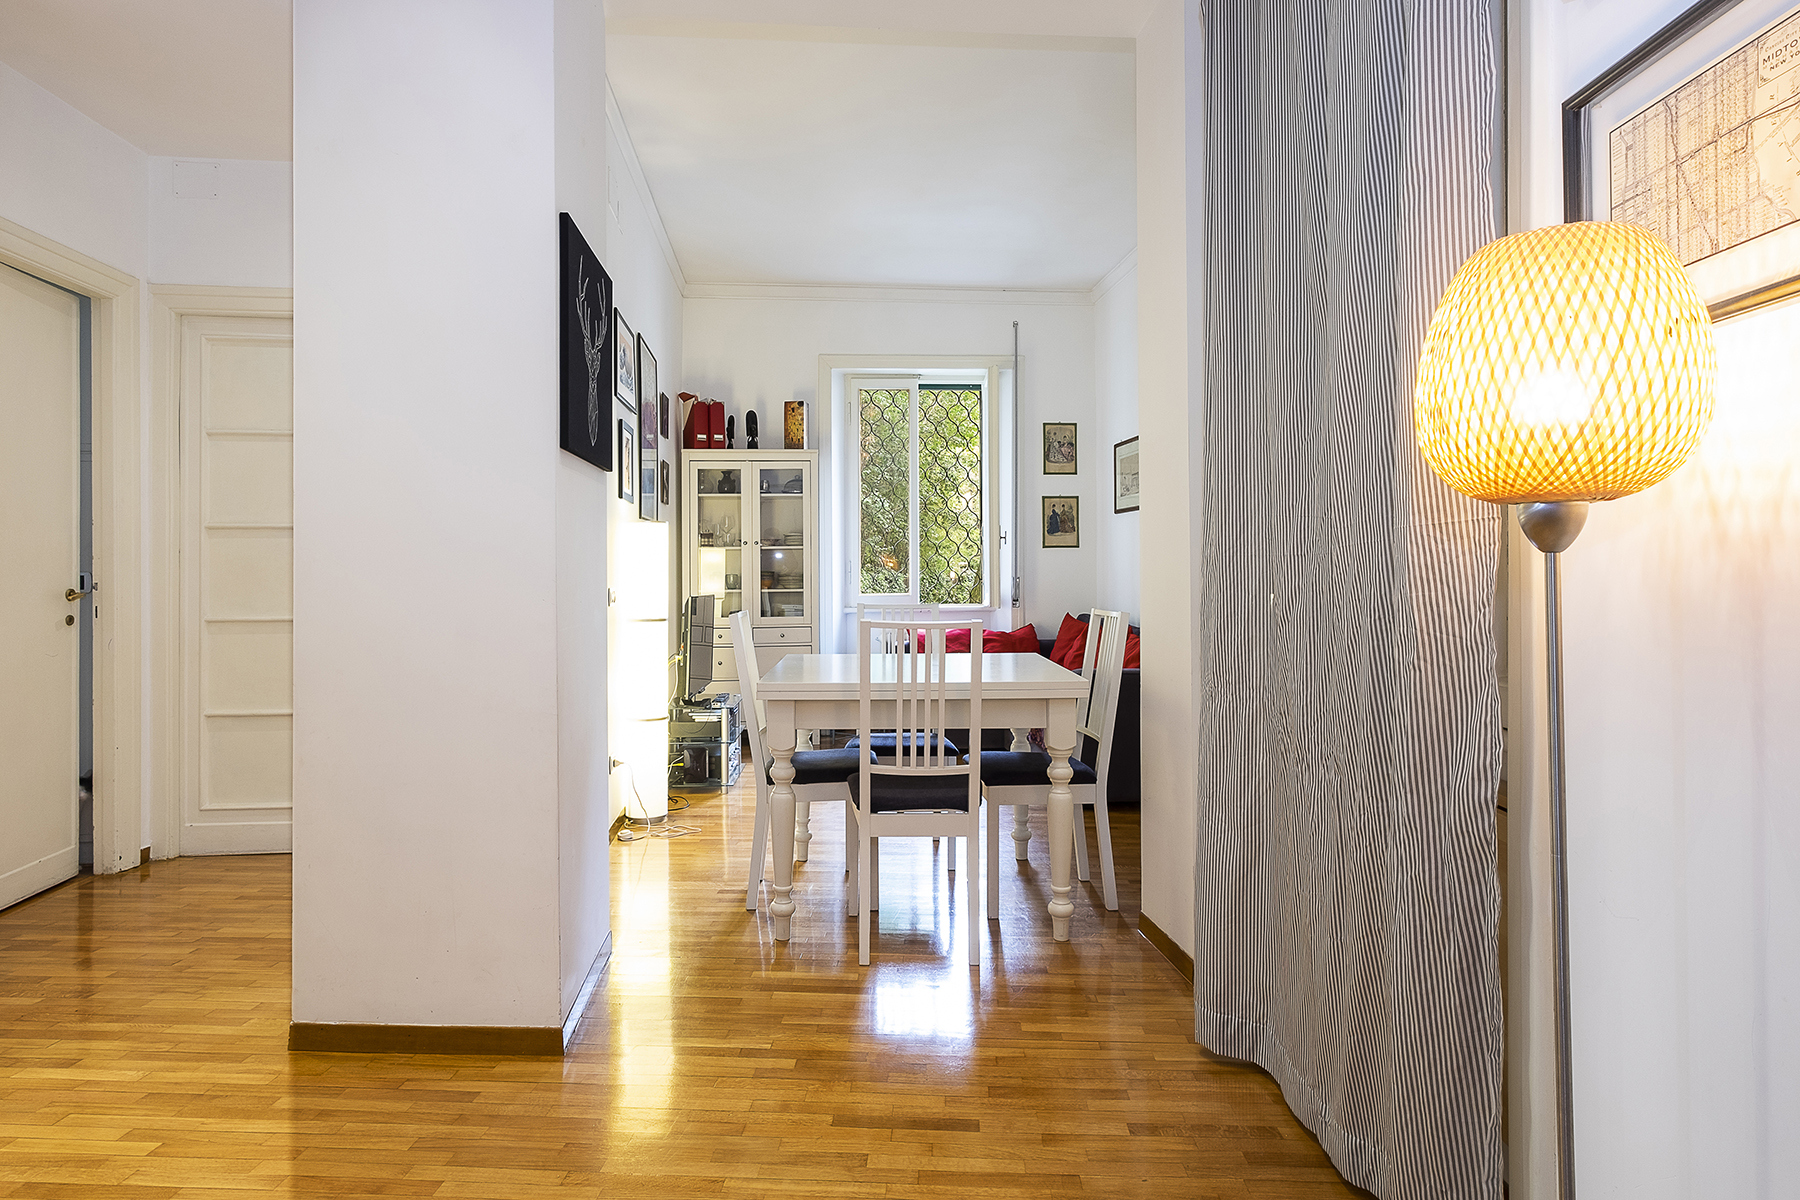 Appartamento in Vendita a Roma 02 Parioli / Pinciano / Flaminio: 3 locali, 80 mq